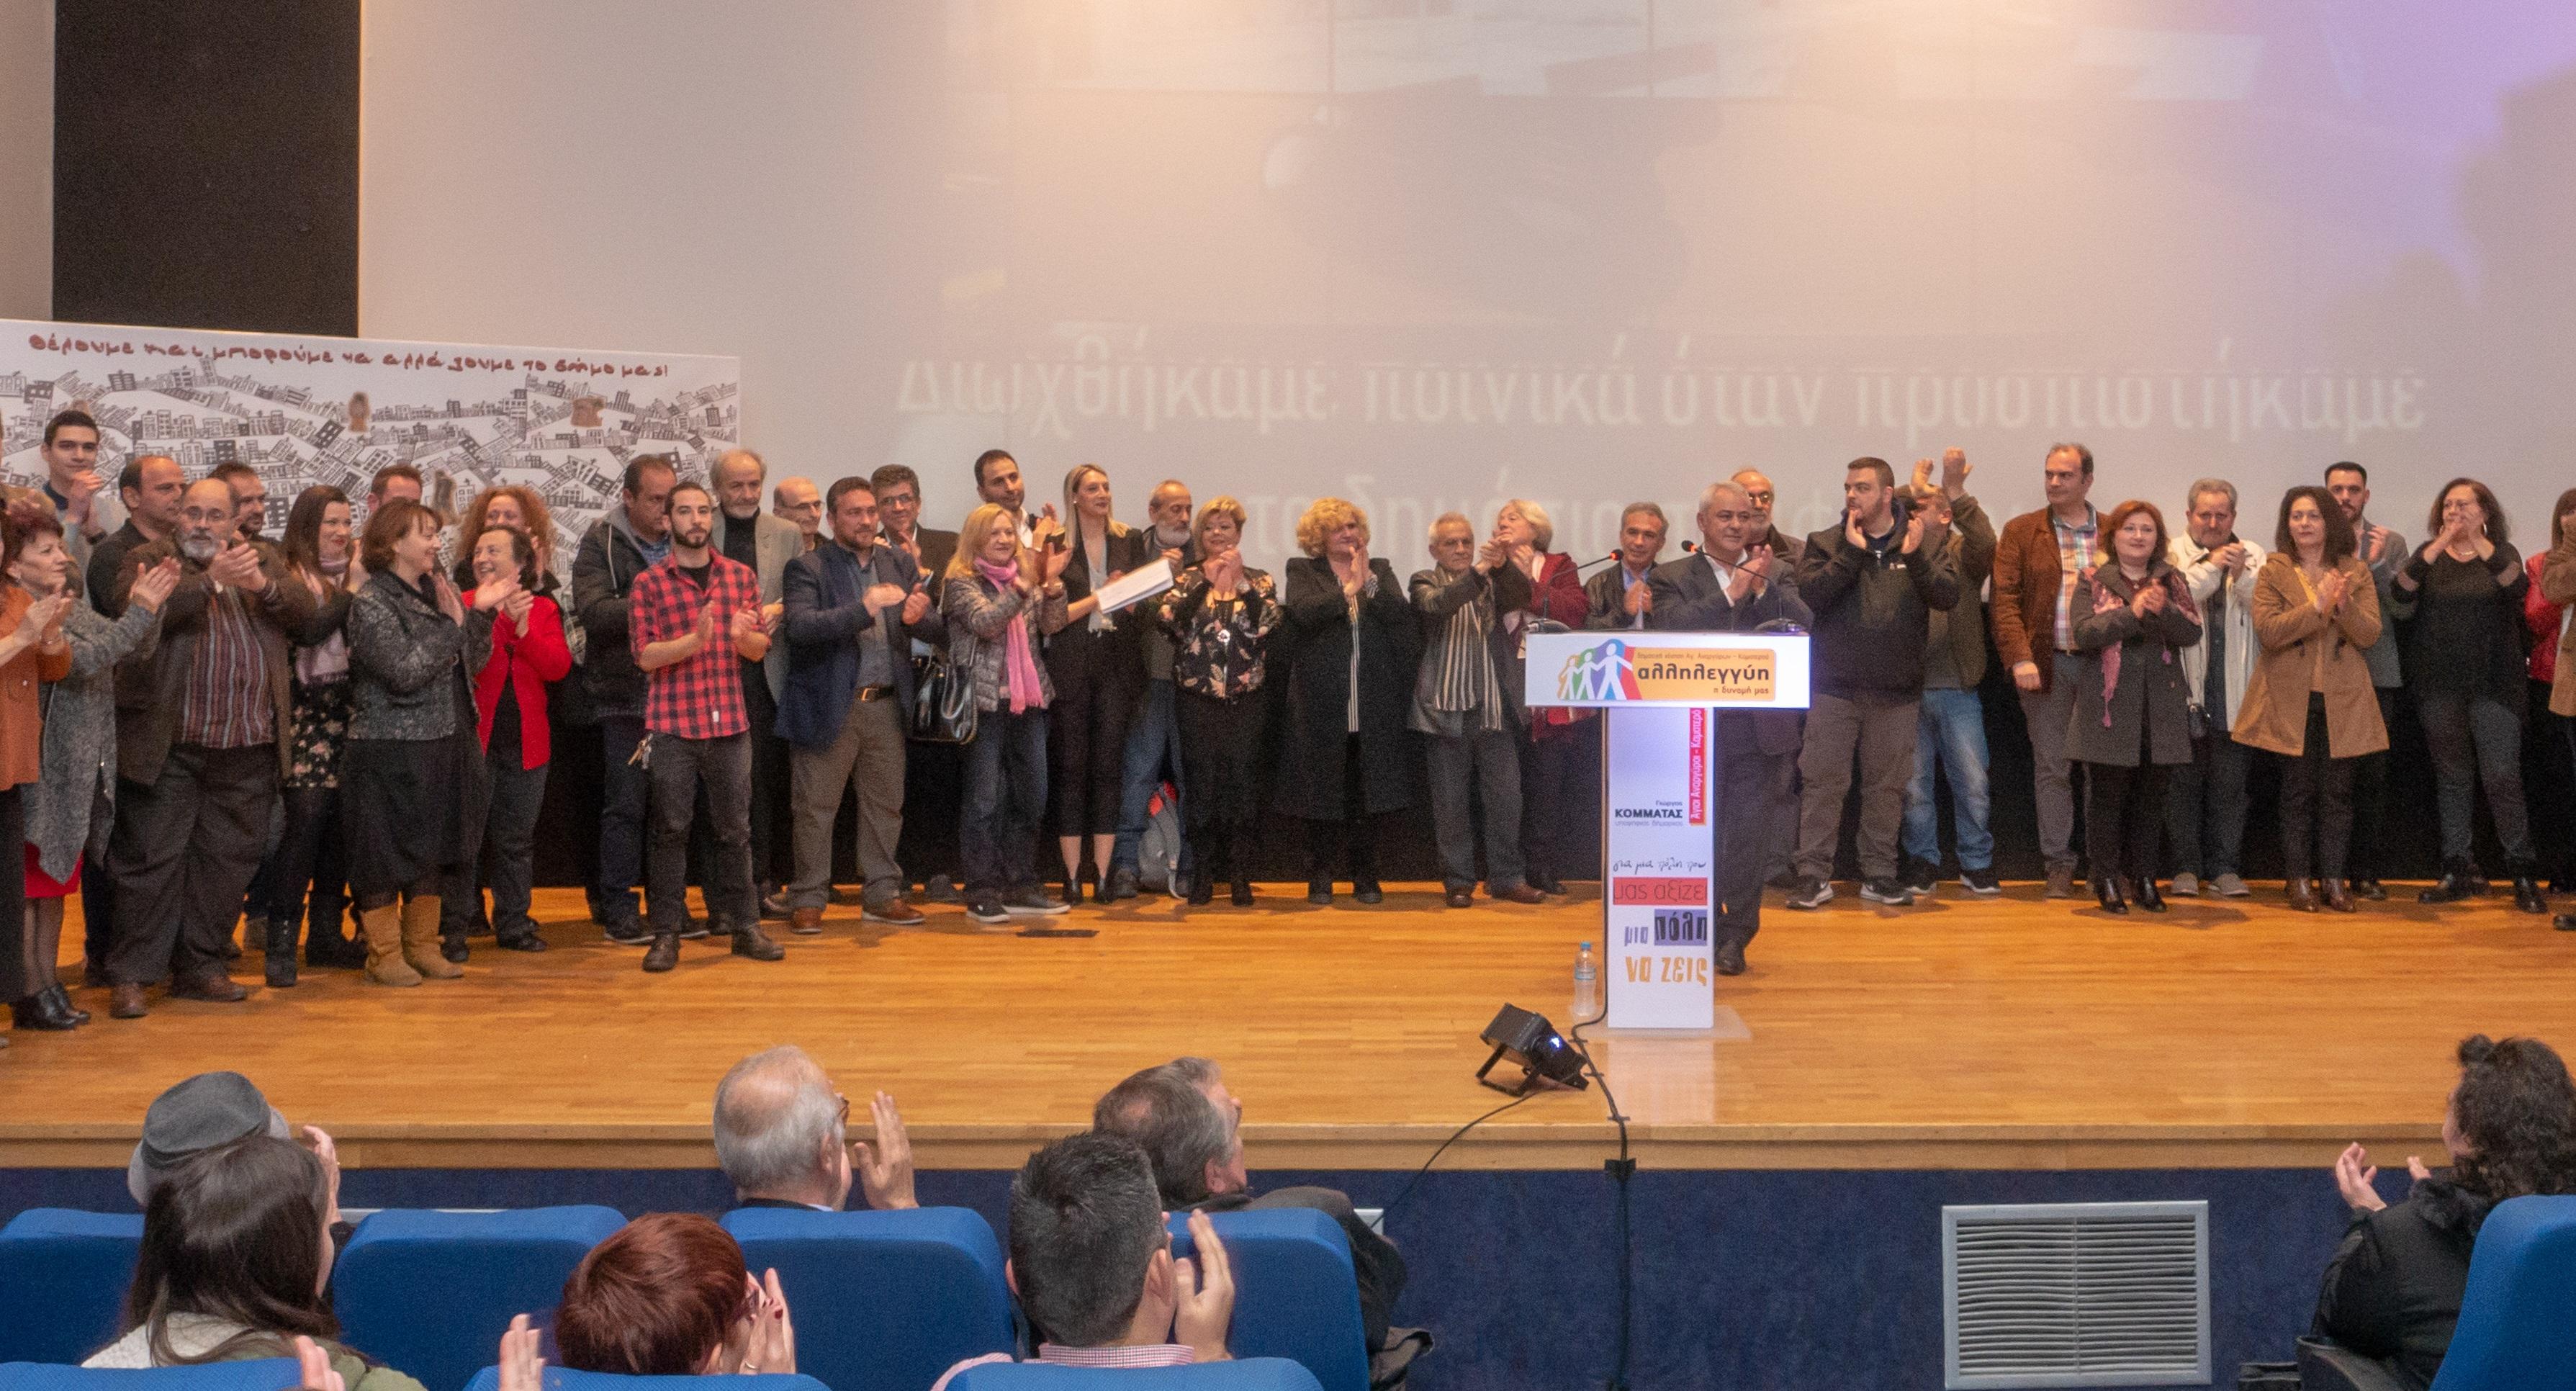 Βιογραφικά υποψήφιων δημοτικών συμβούλων Αγίων Αναργύρων- Καματερού